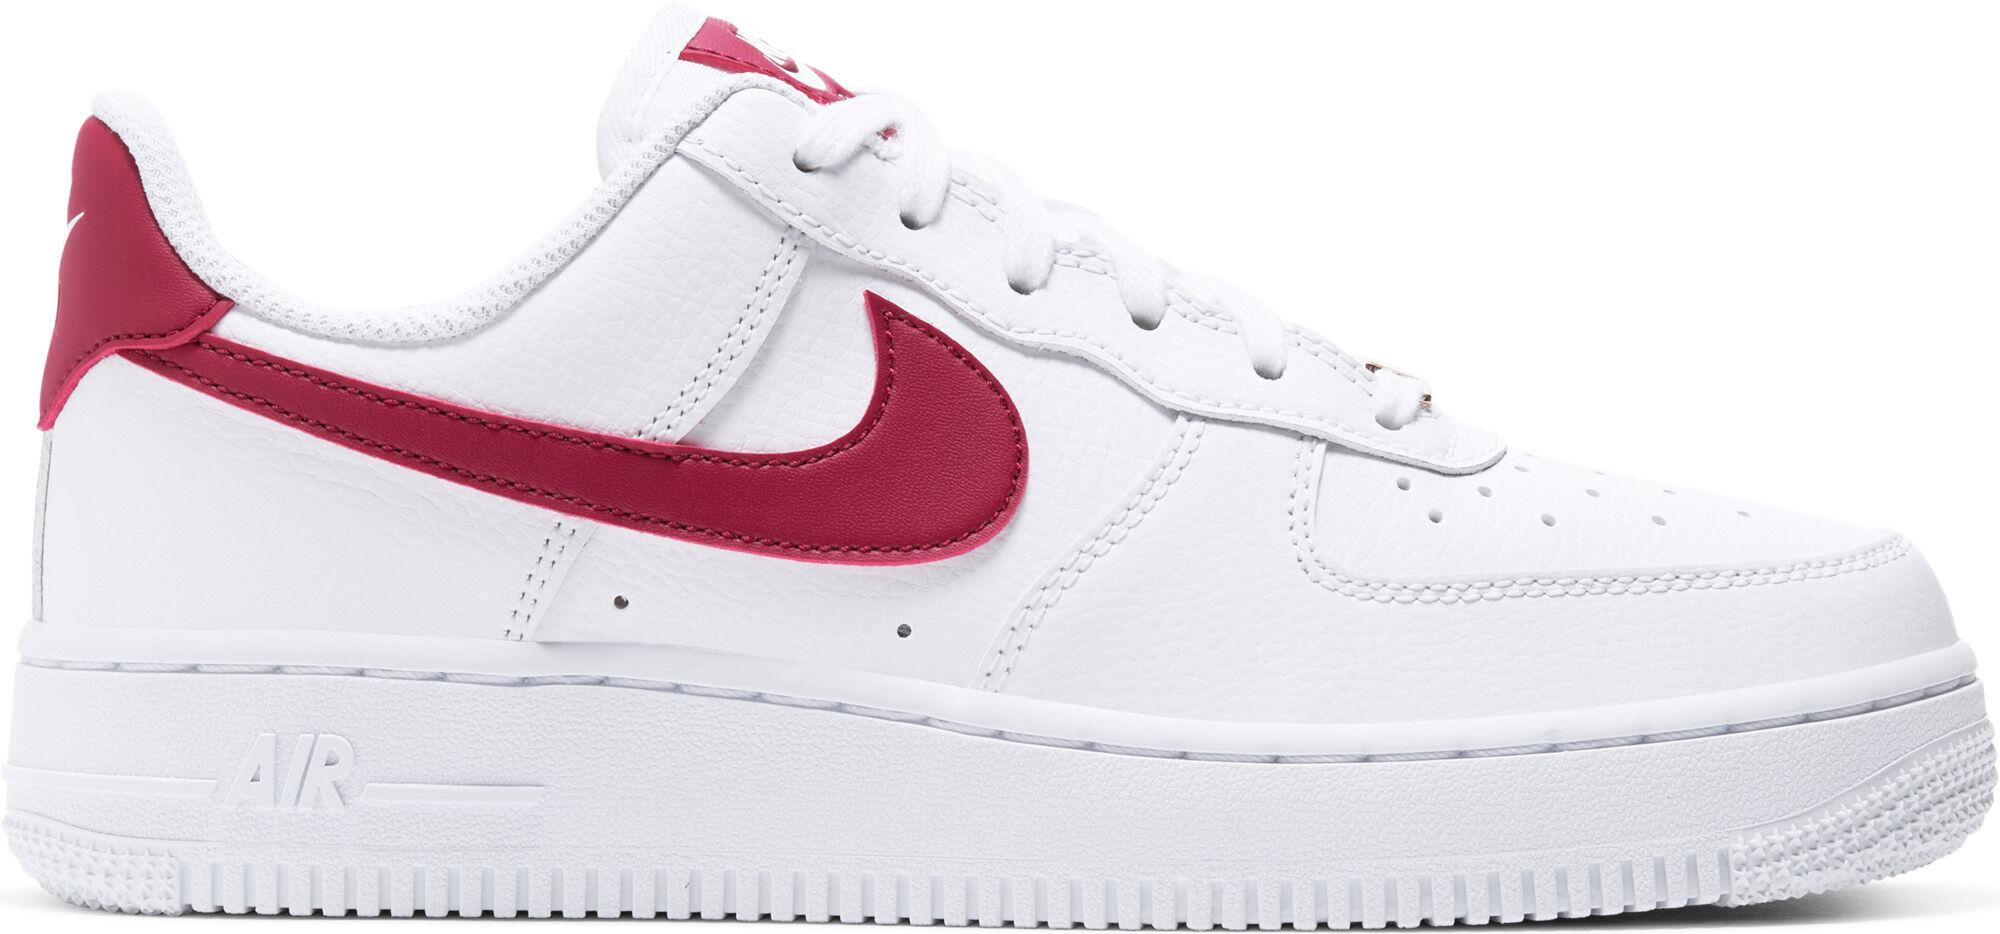 Nike - Air Force 1 '07 sneakers